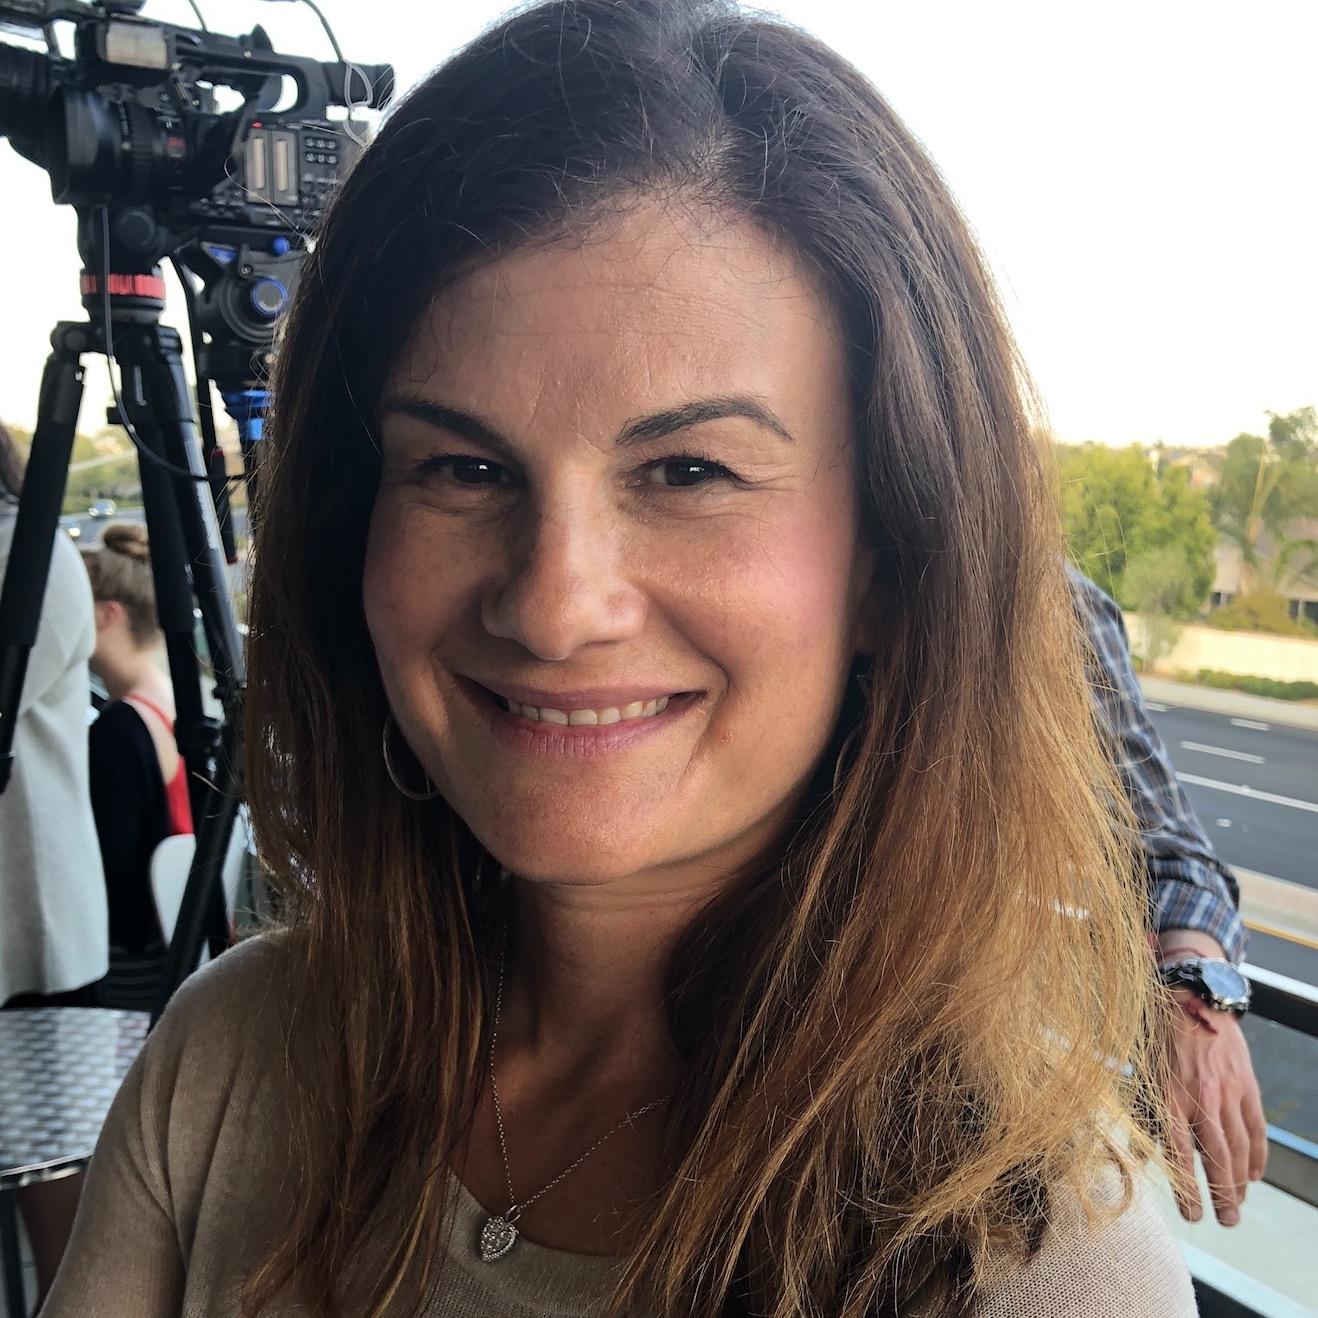 Rebecca Almog